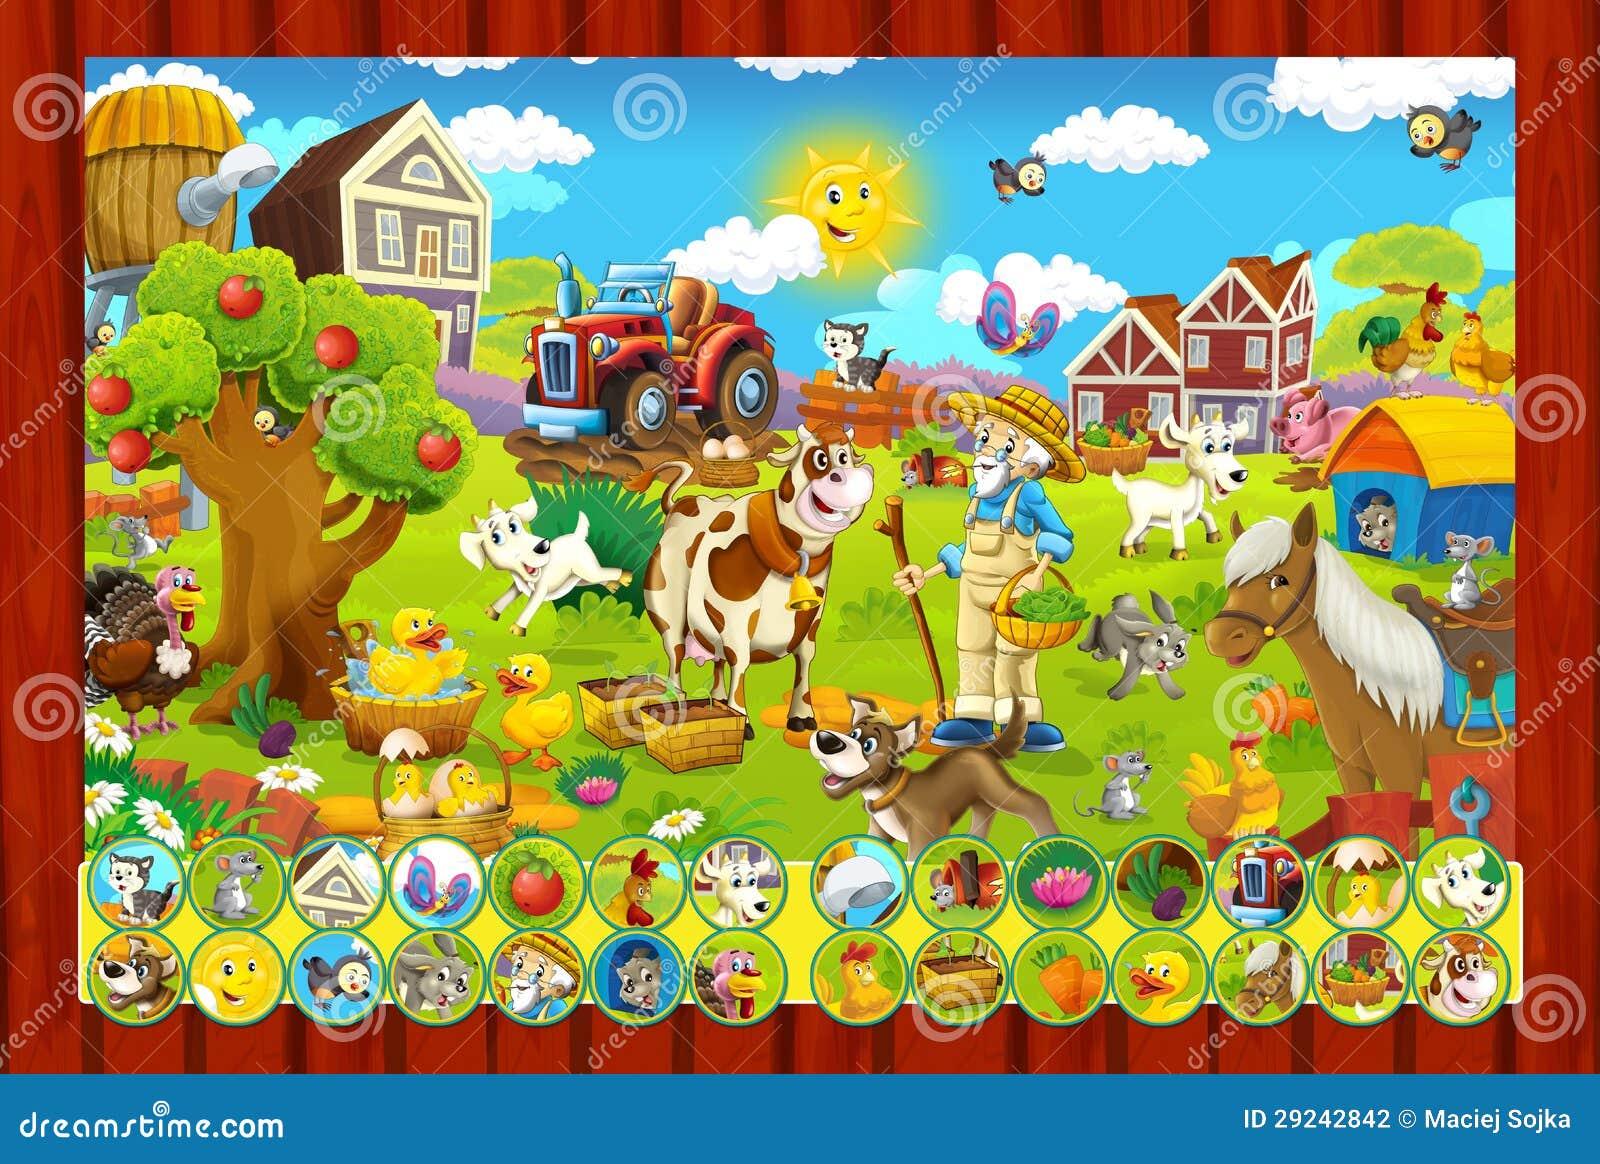 Download A Página Com Exercícios Para Crianças - Exploração Agrícola - Ilustração Para As Crianças Ilustração Stock - Ilustração de resposta, beira: 29242842